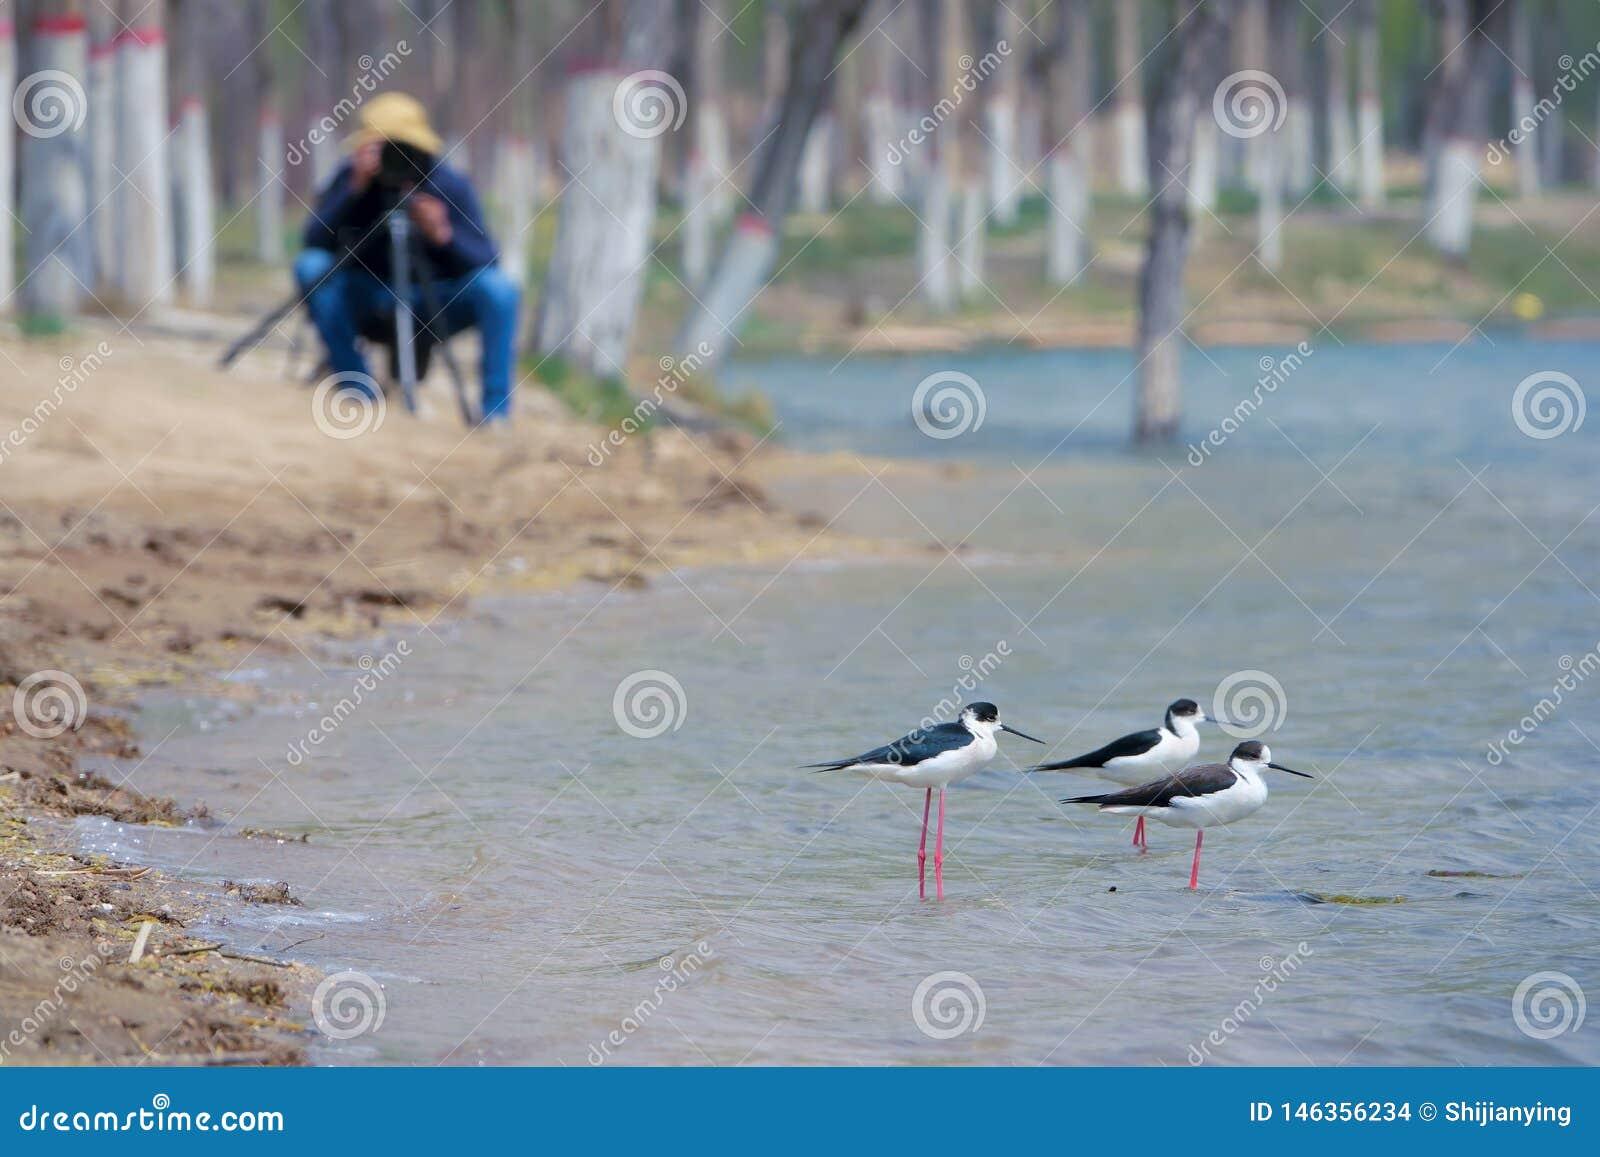 鸟和摄影师